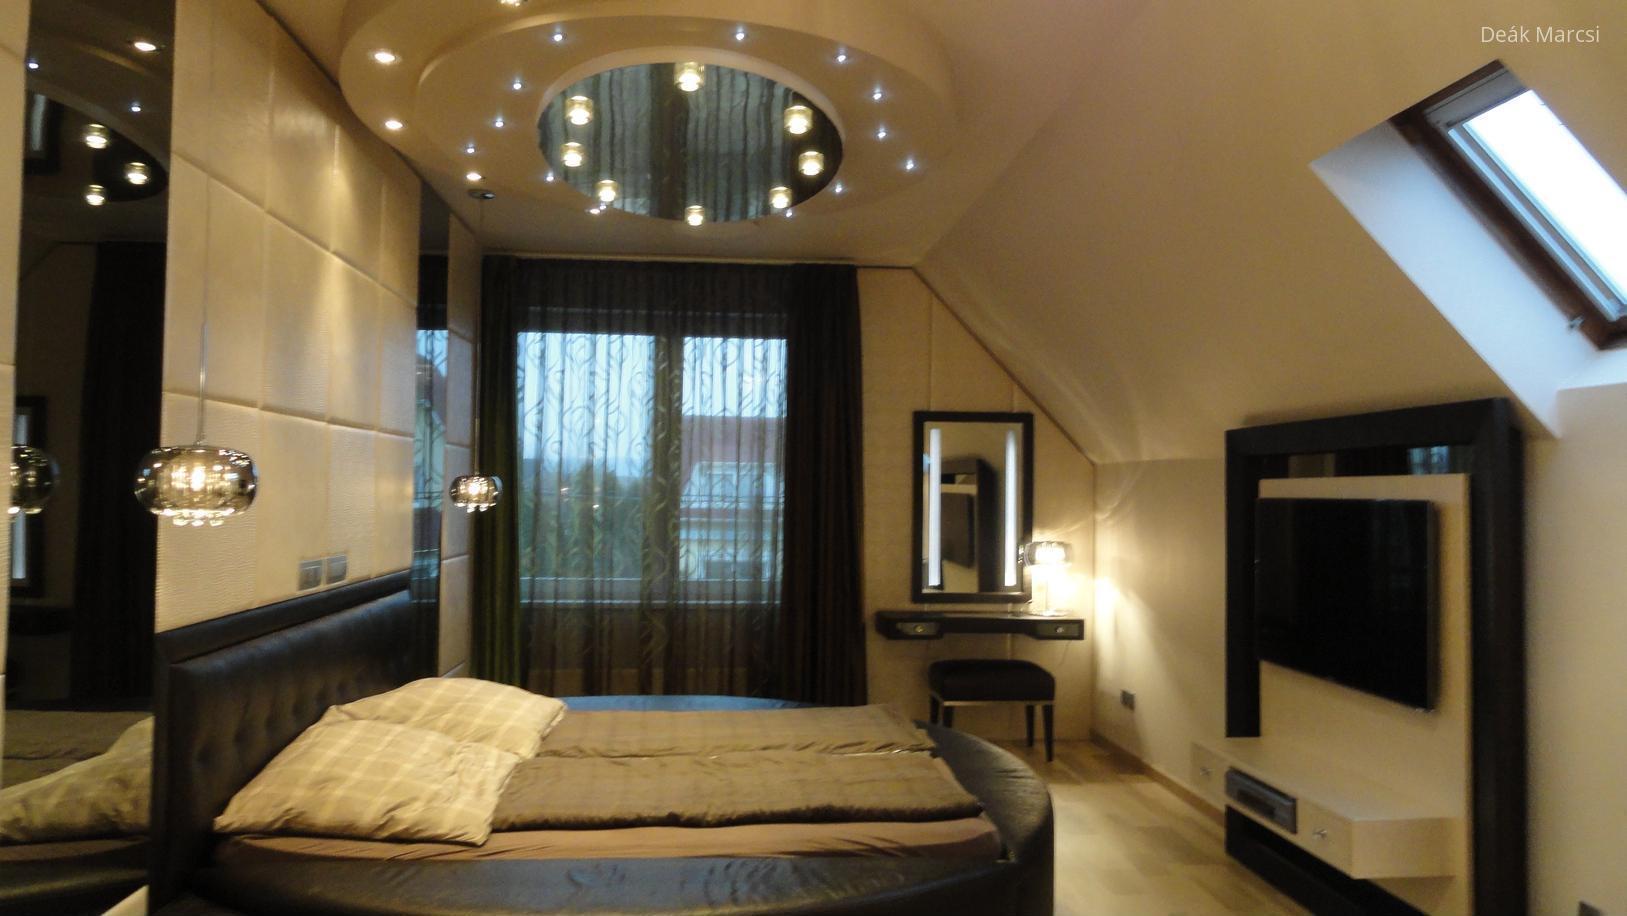 Tetőtéri hálószoba - Modern hálószoba kerek álmennyezettel, luxus hatású részletekkel